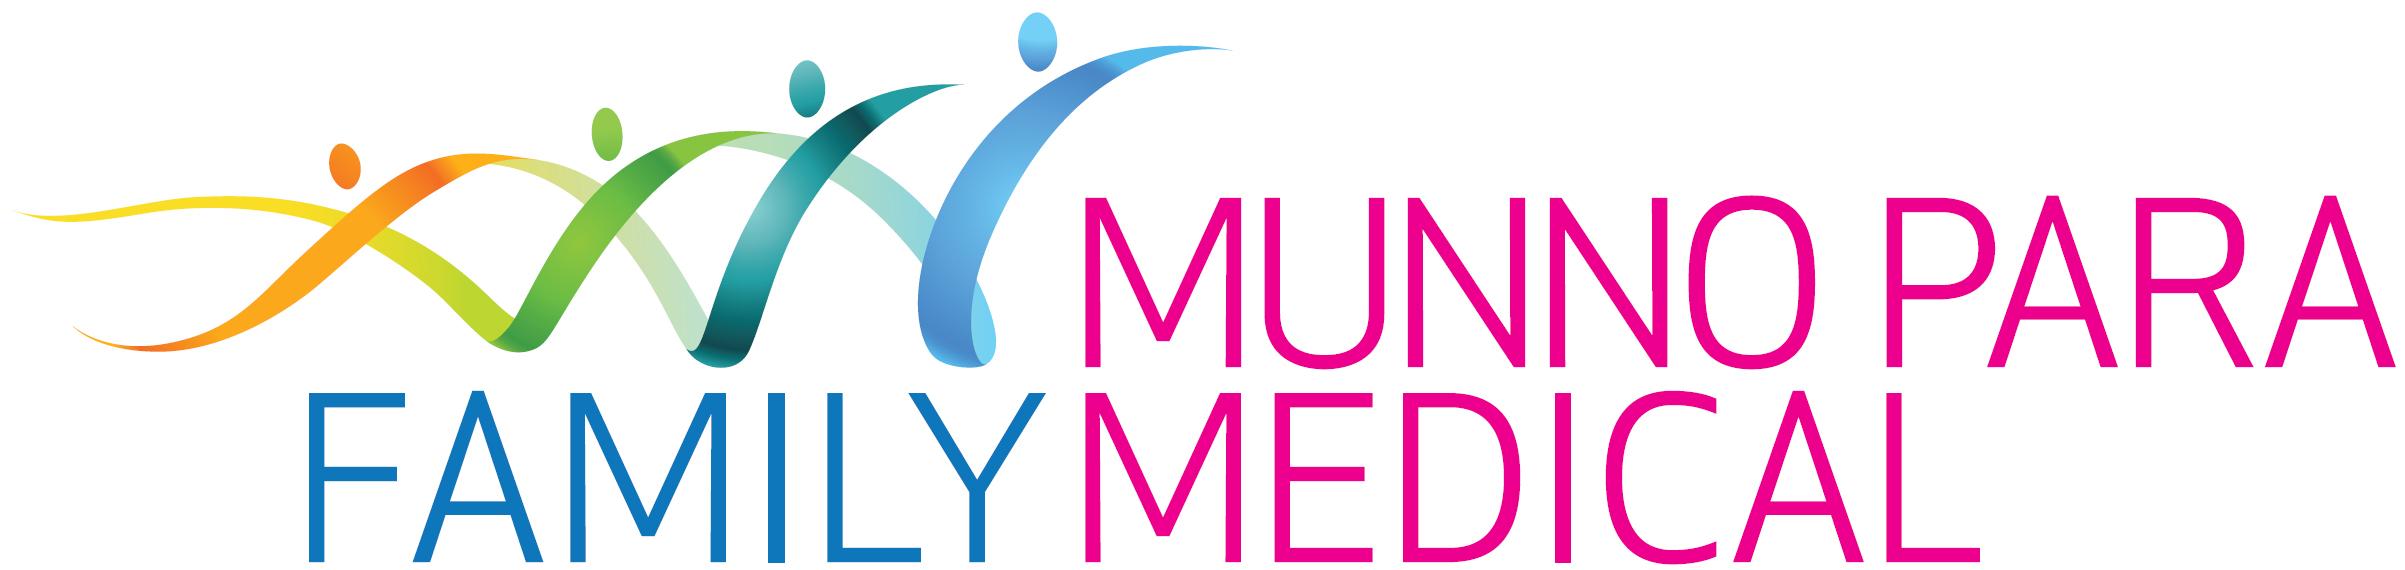 Munno Para Family Medical